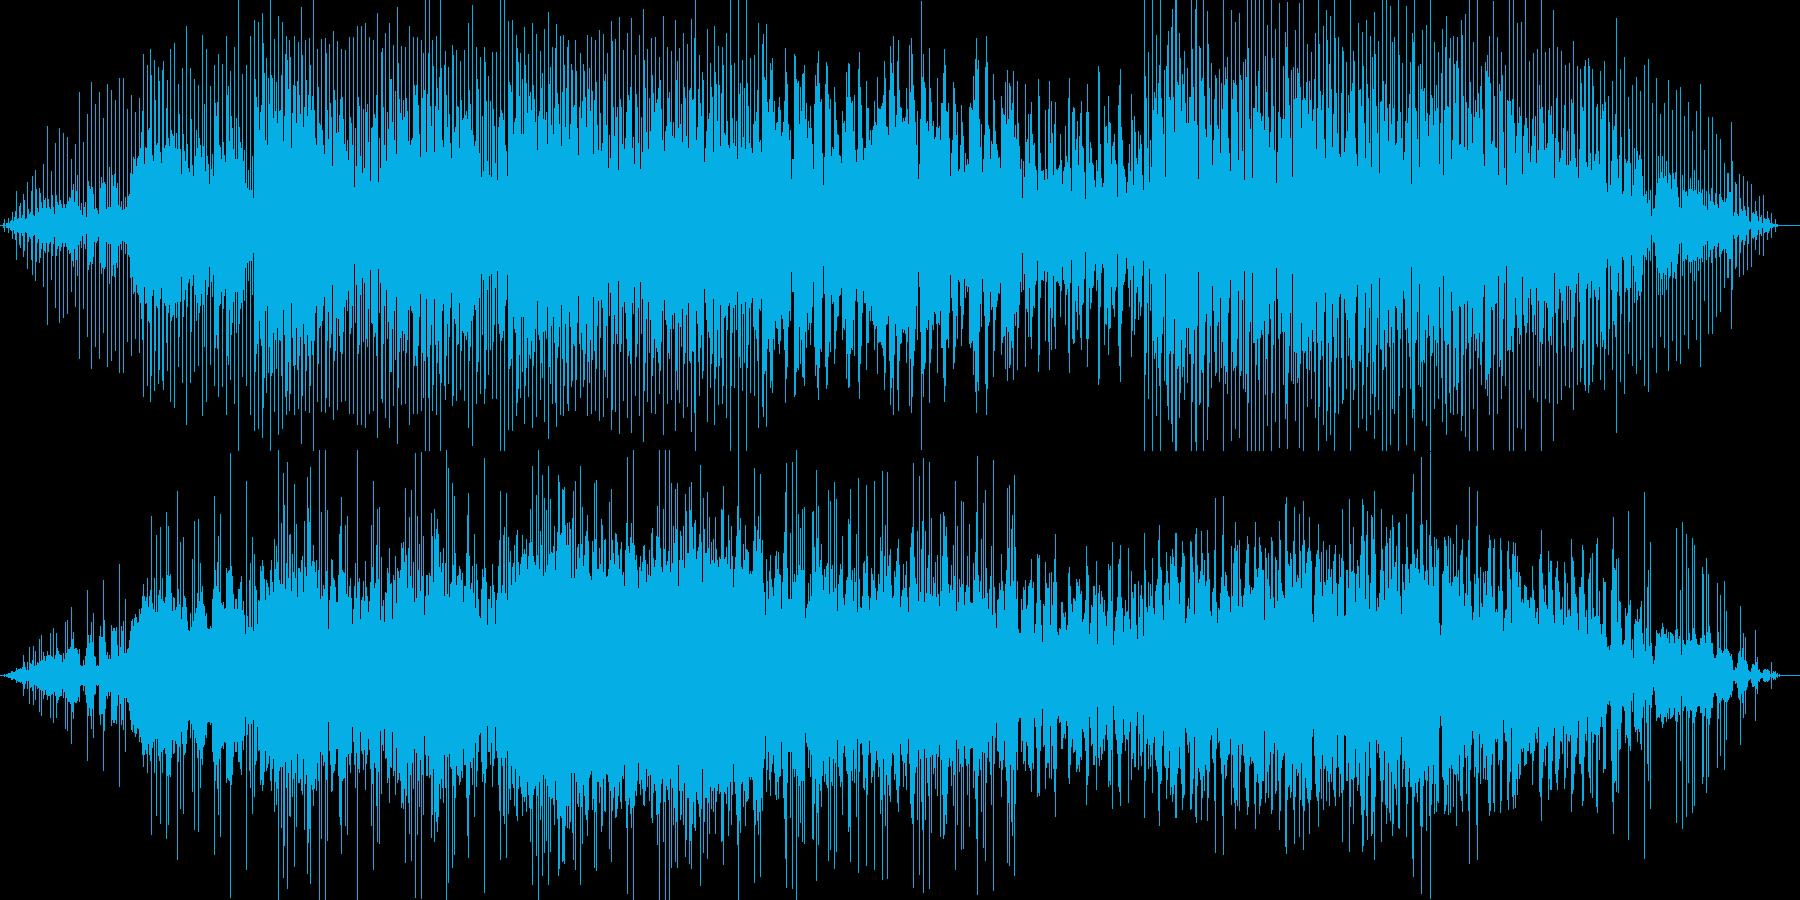 オリエンタルなハウスエレクトロニカの再生済みの波形